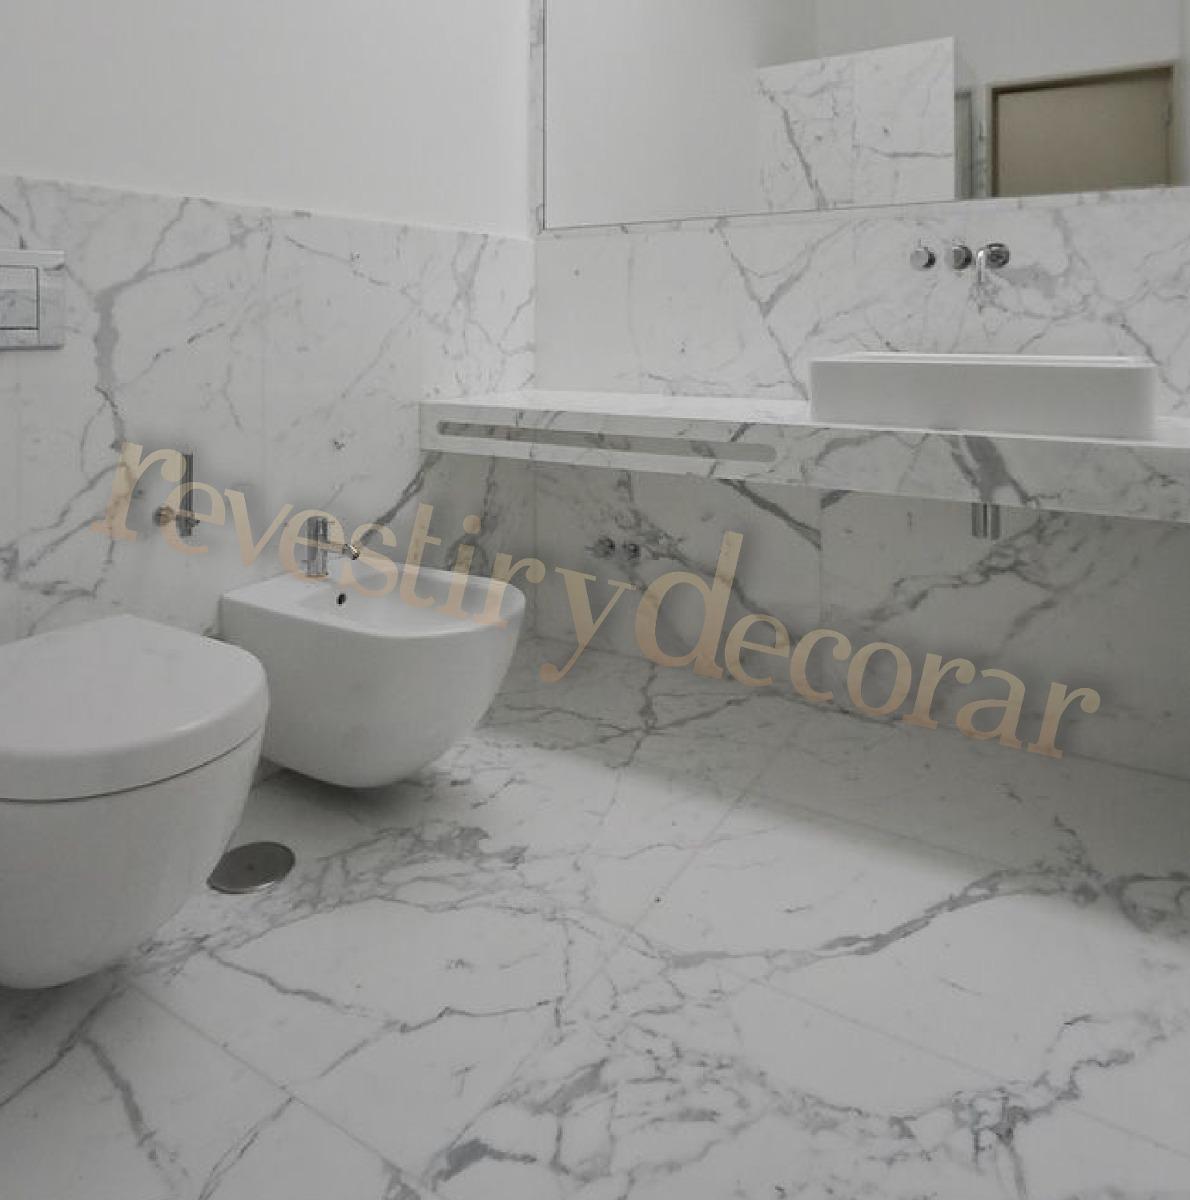 Suelo porcelanico imitacion marmol latest azulejo for Marmol de carrara limpieza